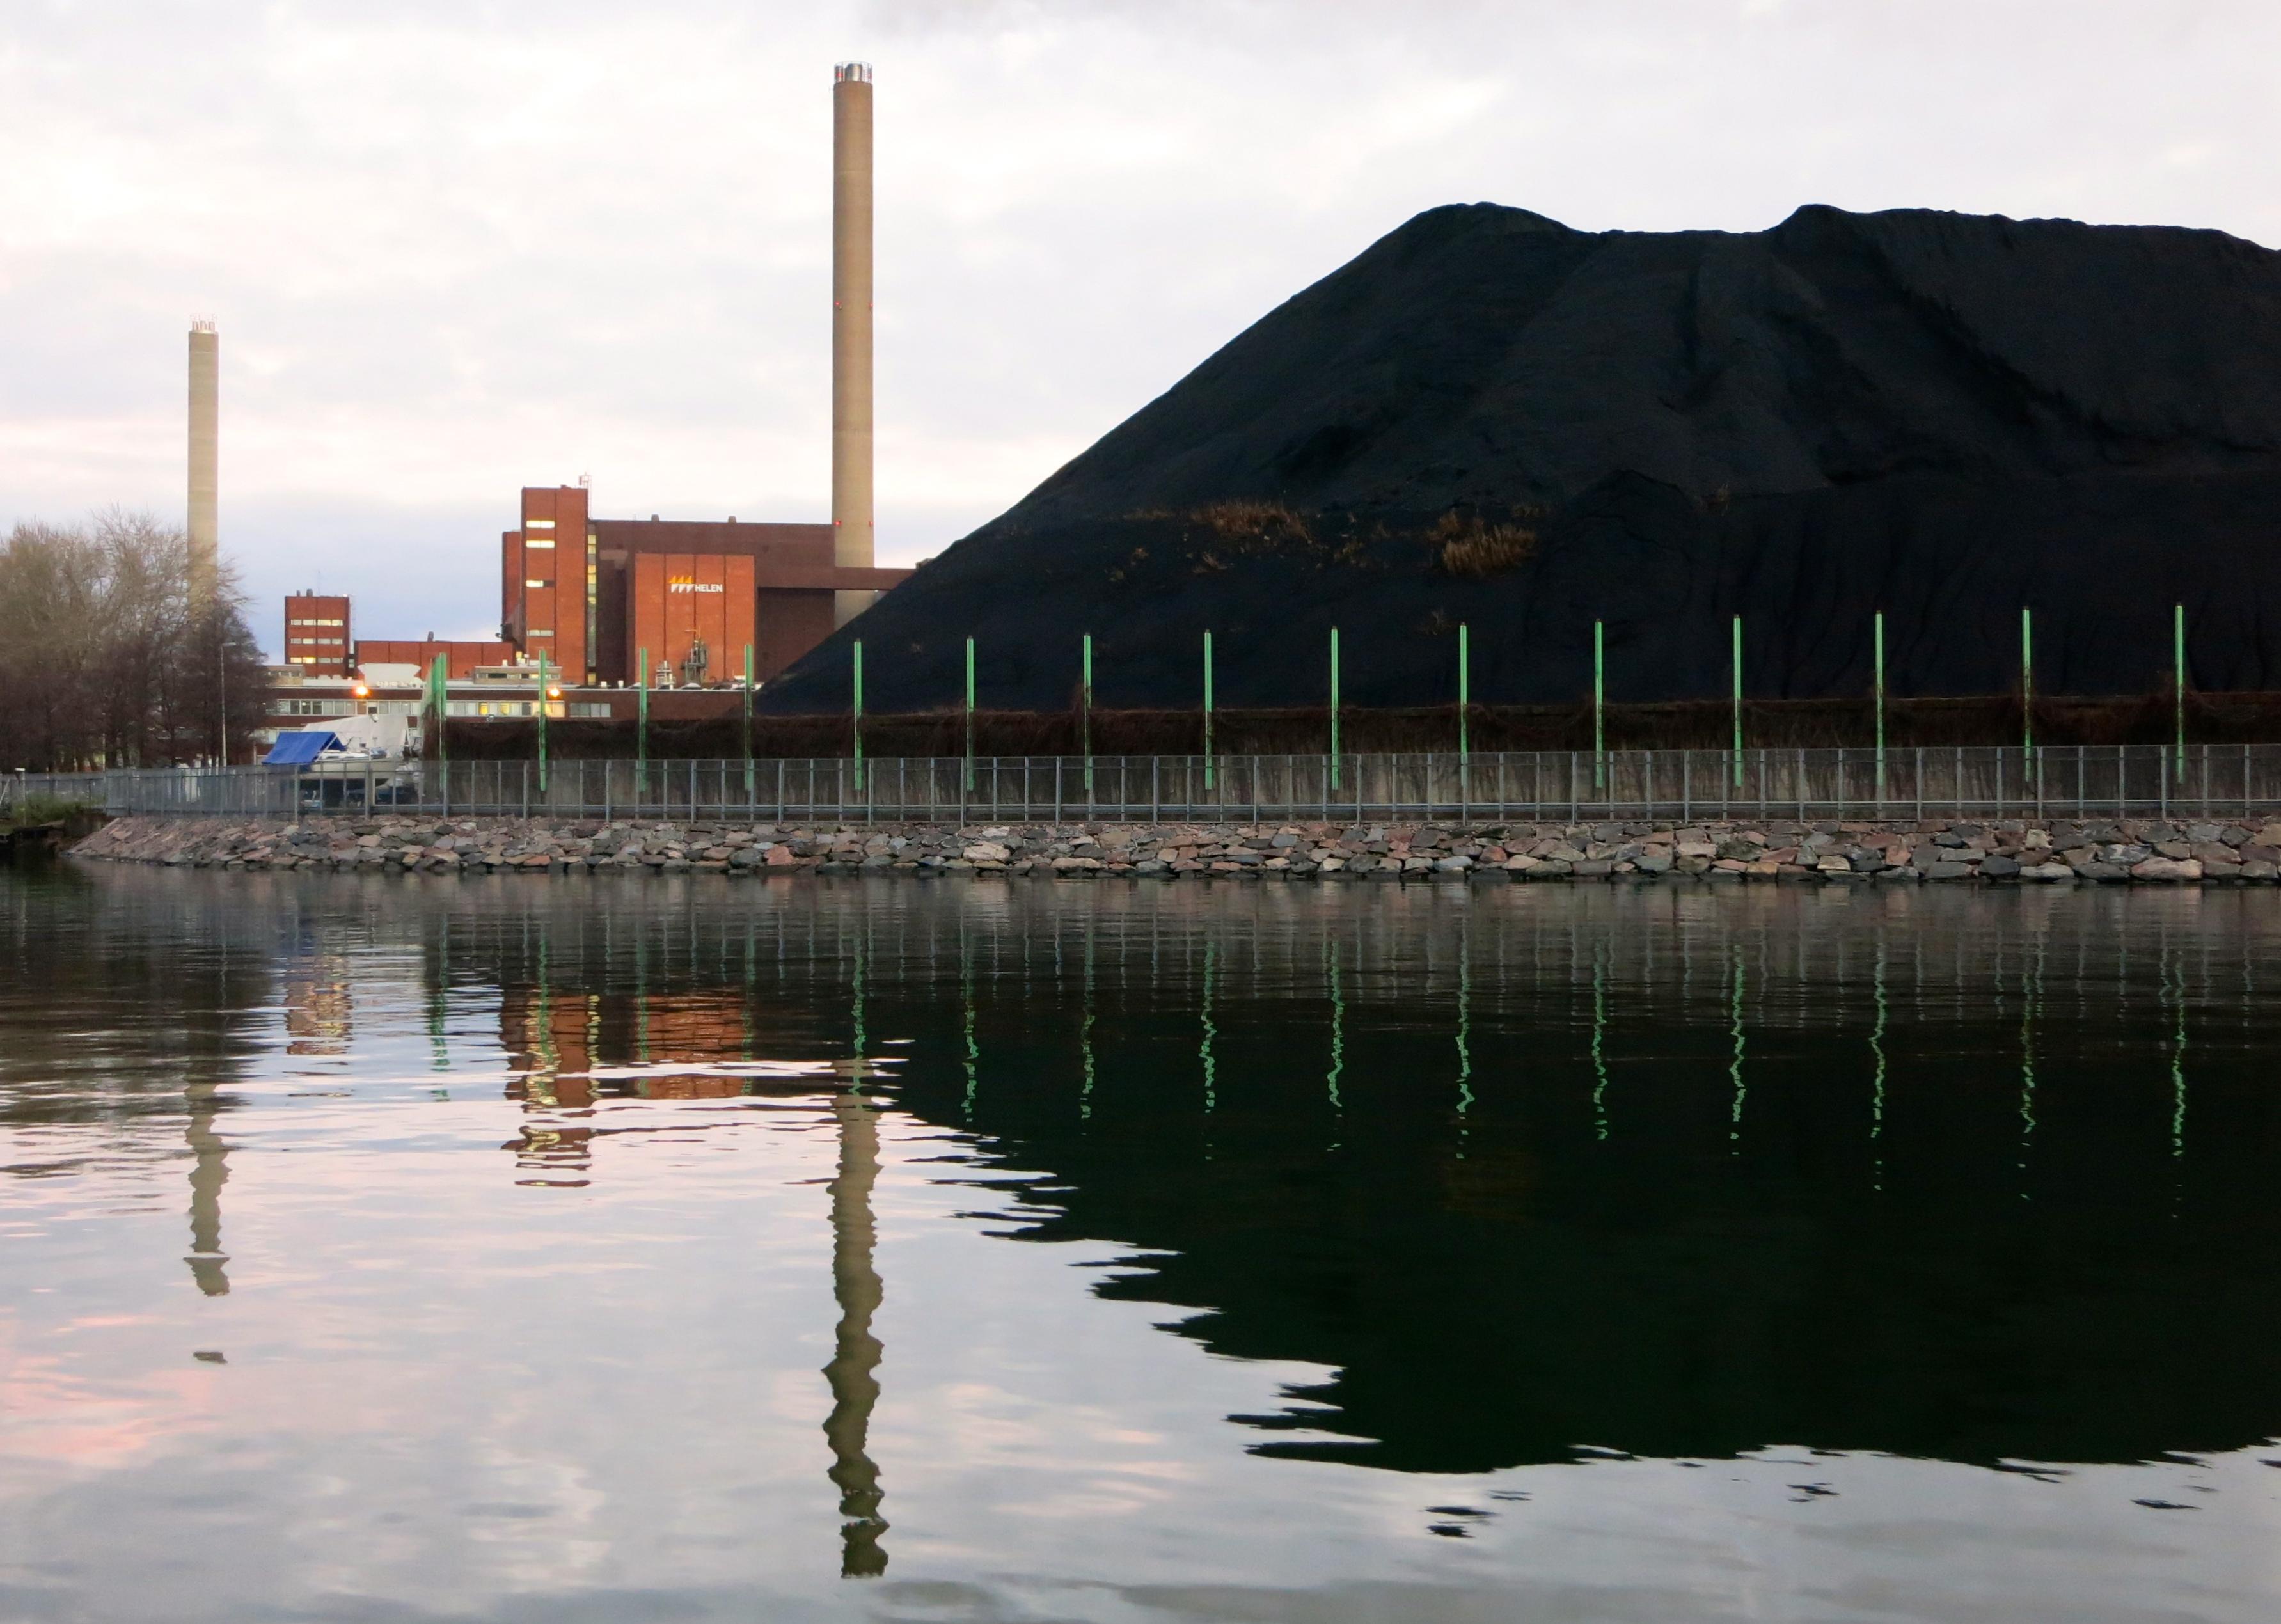 Helsingin päästökehityksessä tapahtui negatiivinen käänne viime vuonna kivihiilen käytön lisäännyttyä. (Kuva: Ville Miettinen)